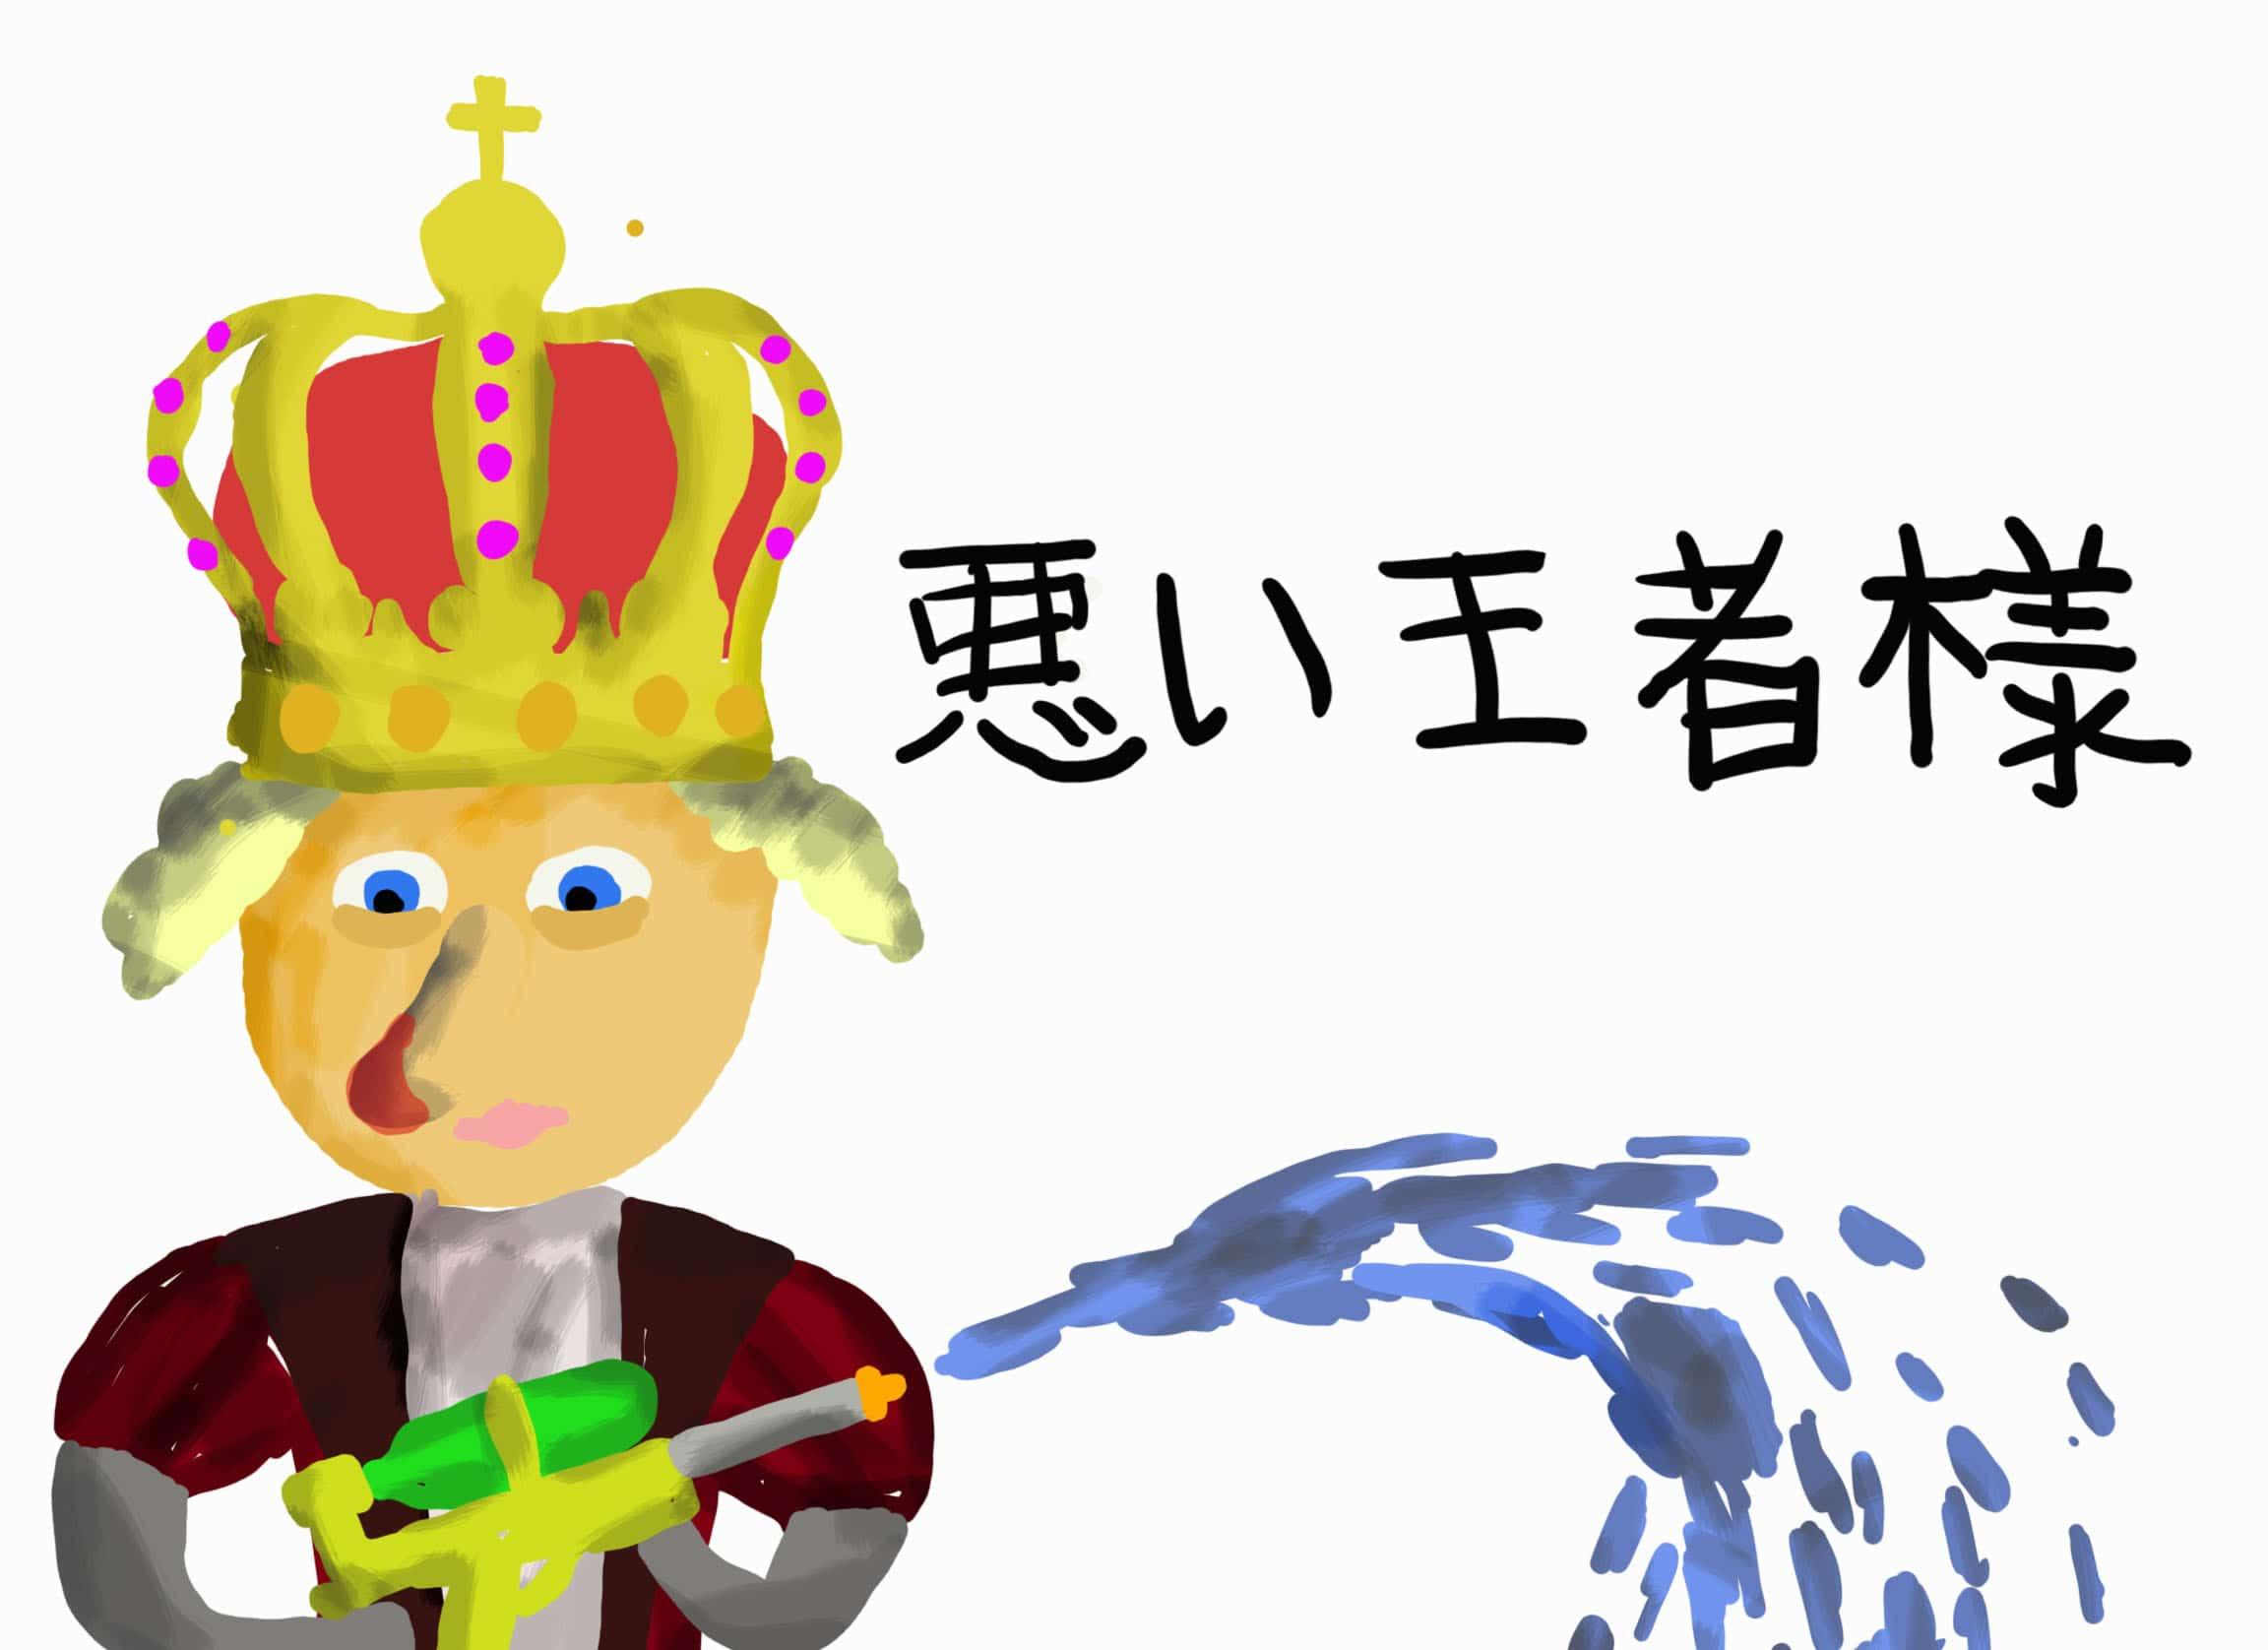 kuningas2